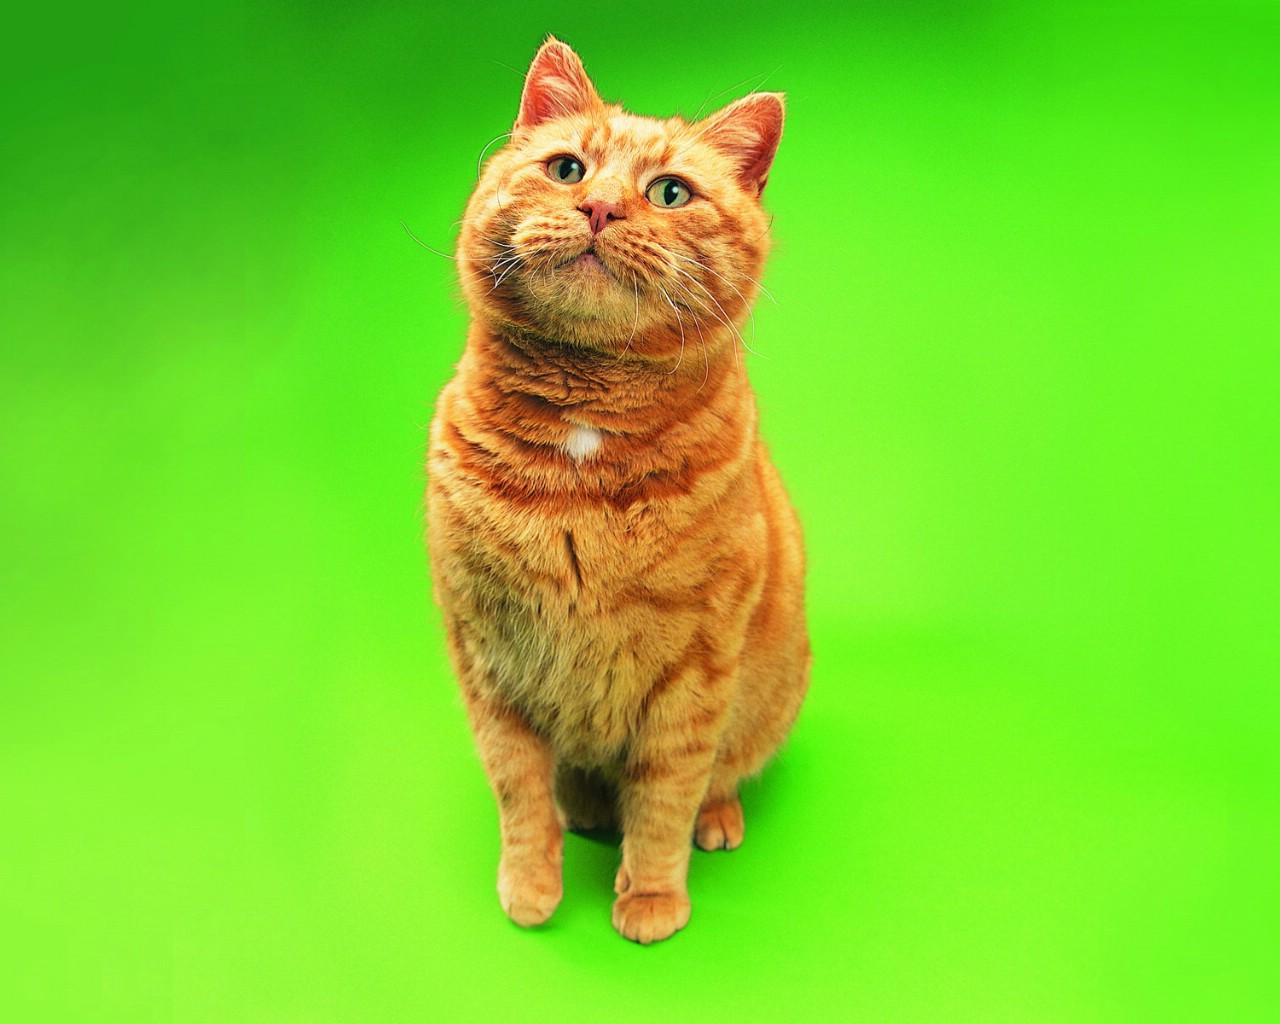 肥猫 趣味可爱小猫图片壁纸